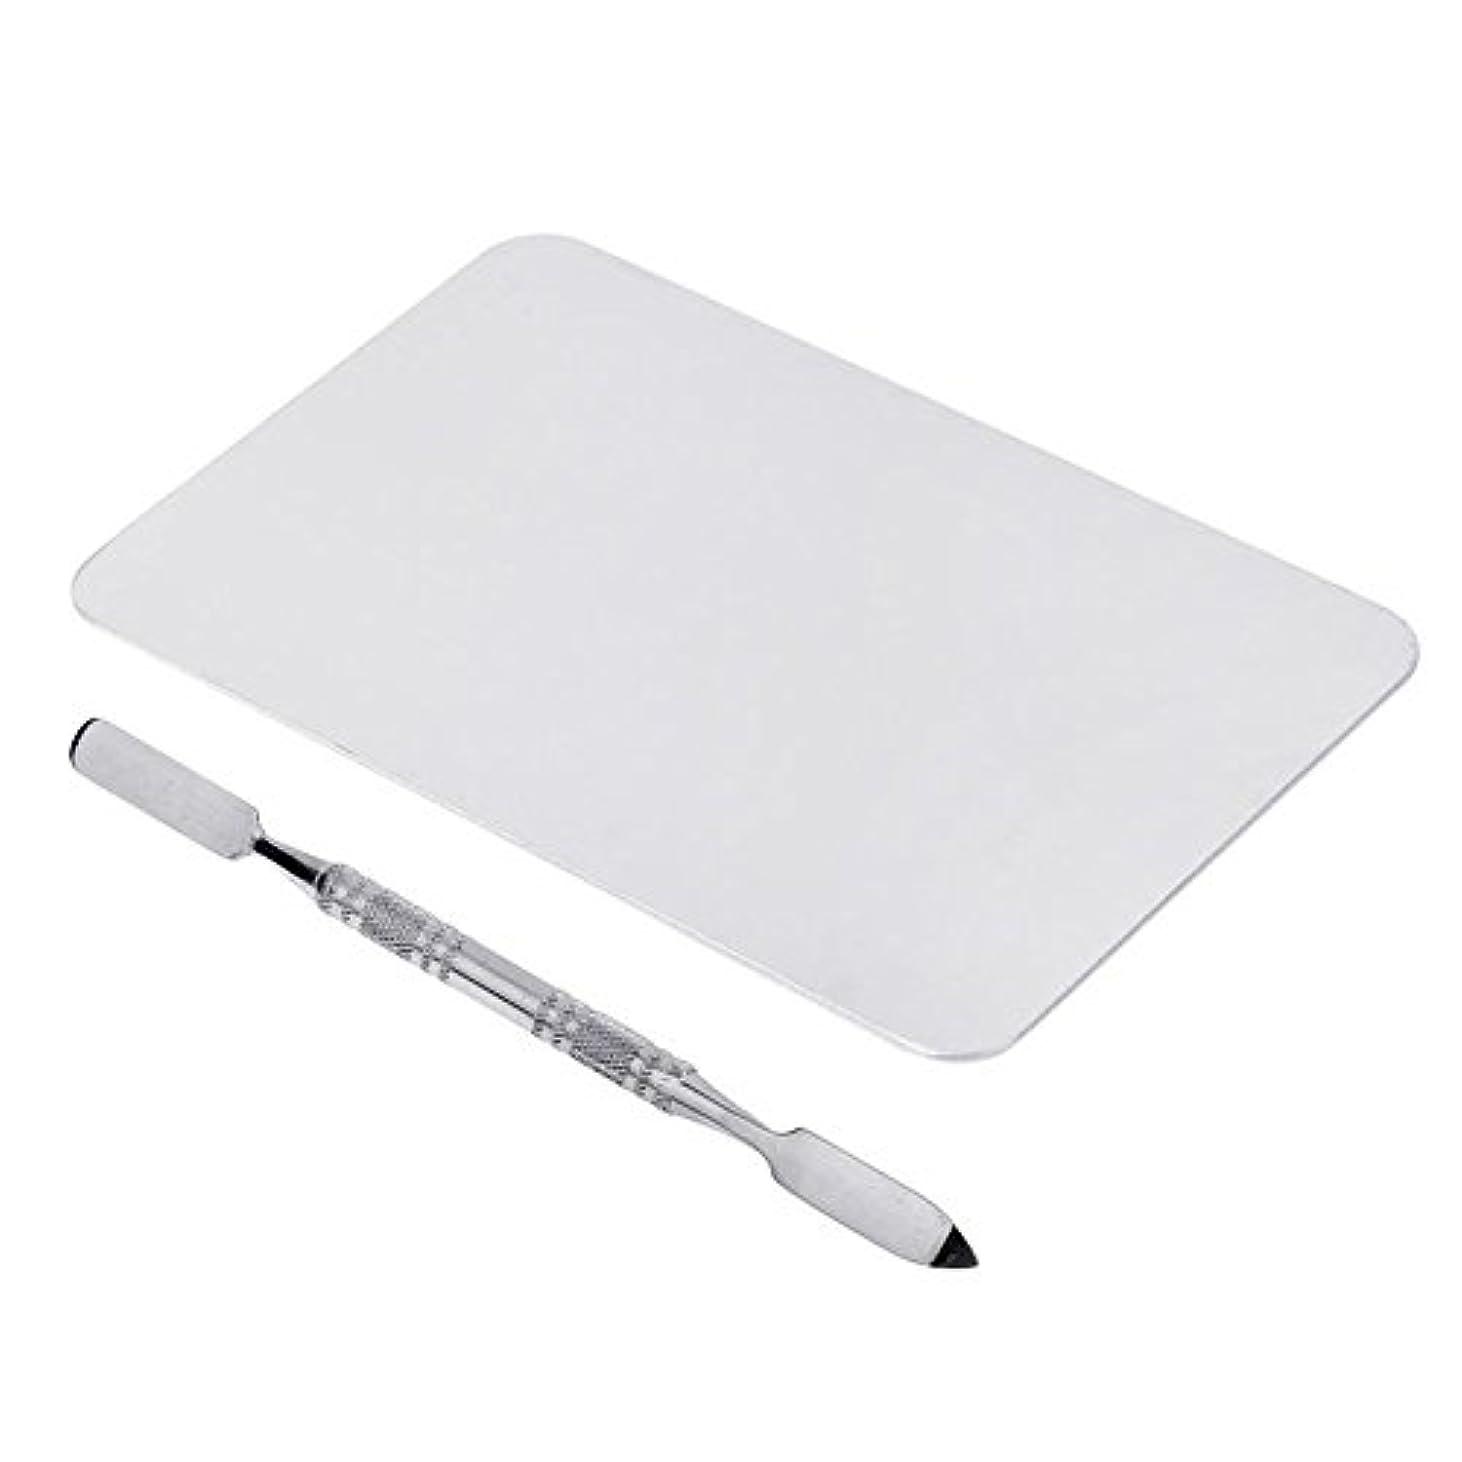 解任無謀安心させるGaoominy 2色のメイクパレットマニキュア、メイクアップ、アイシャドウパレットパレットセット12cm